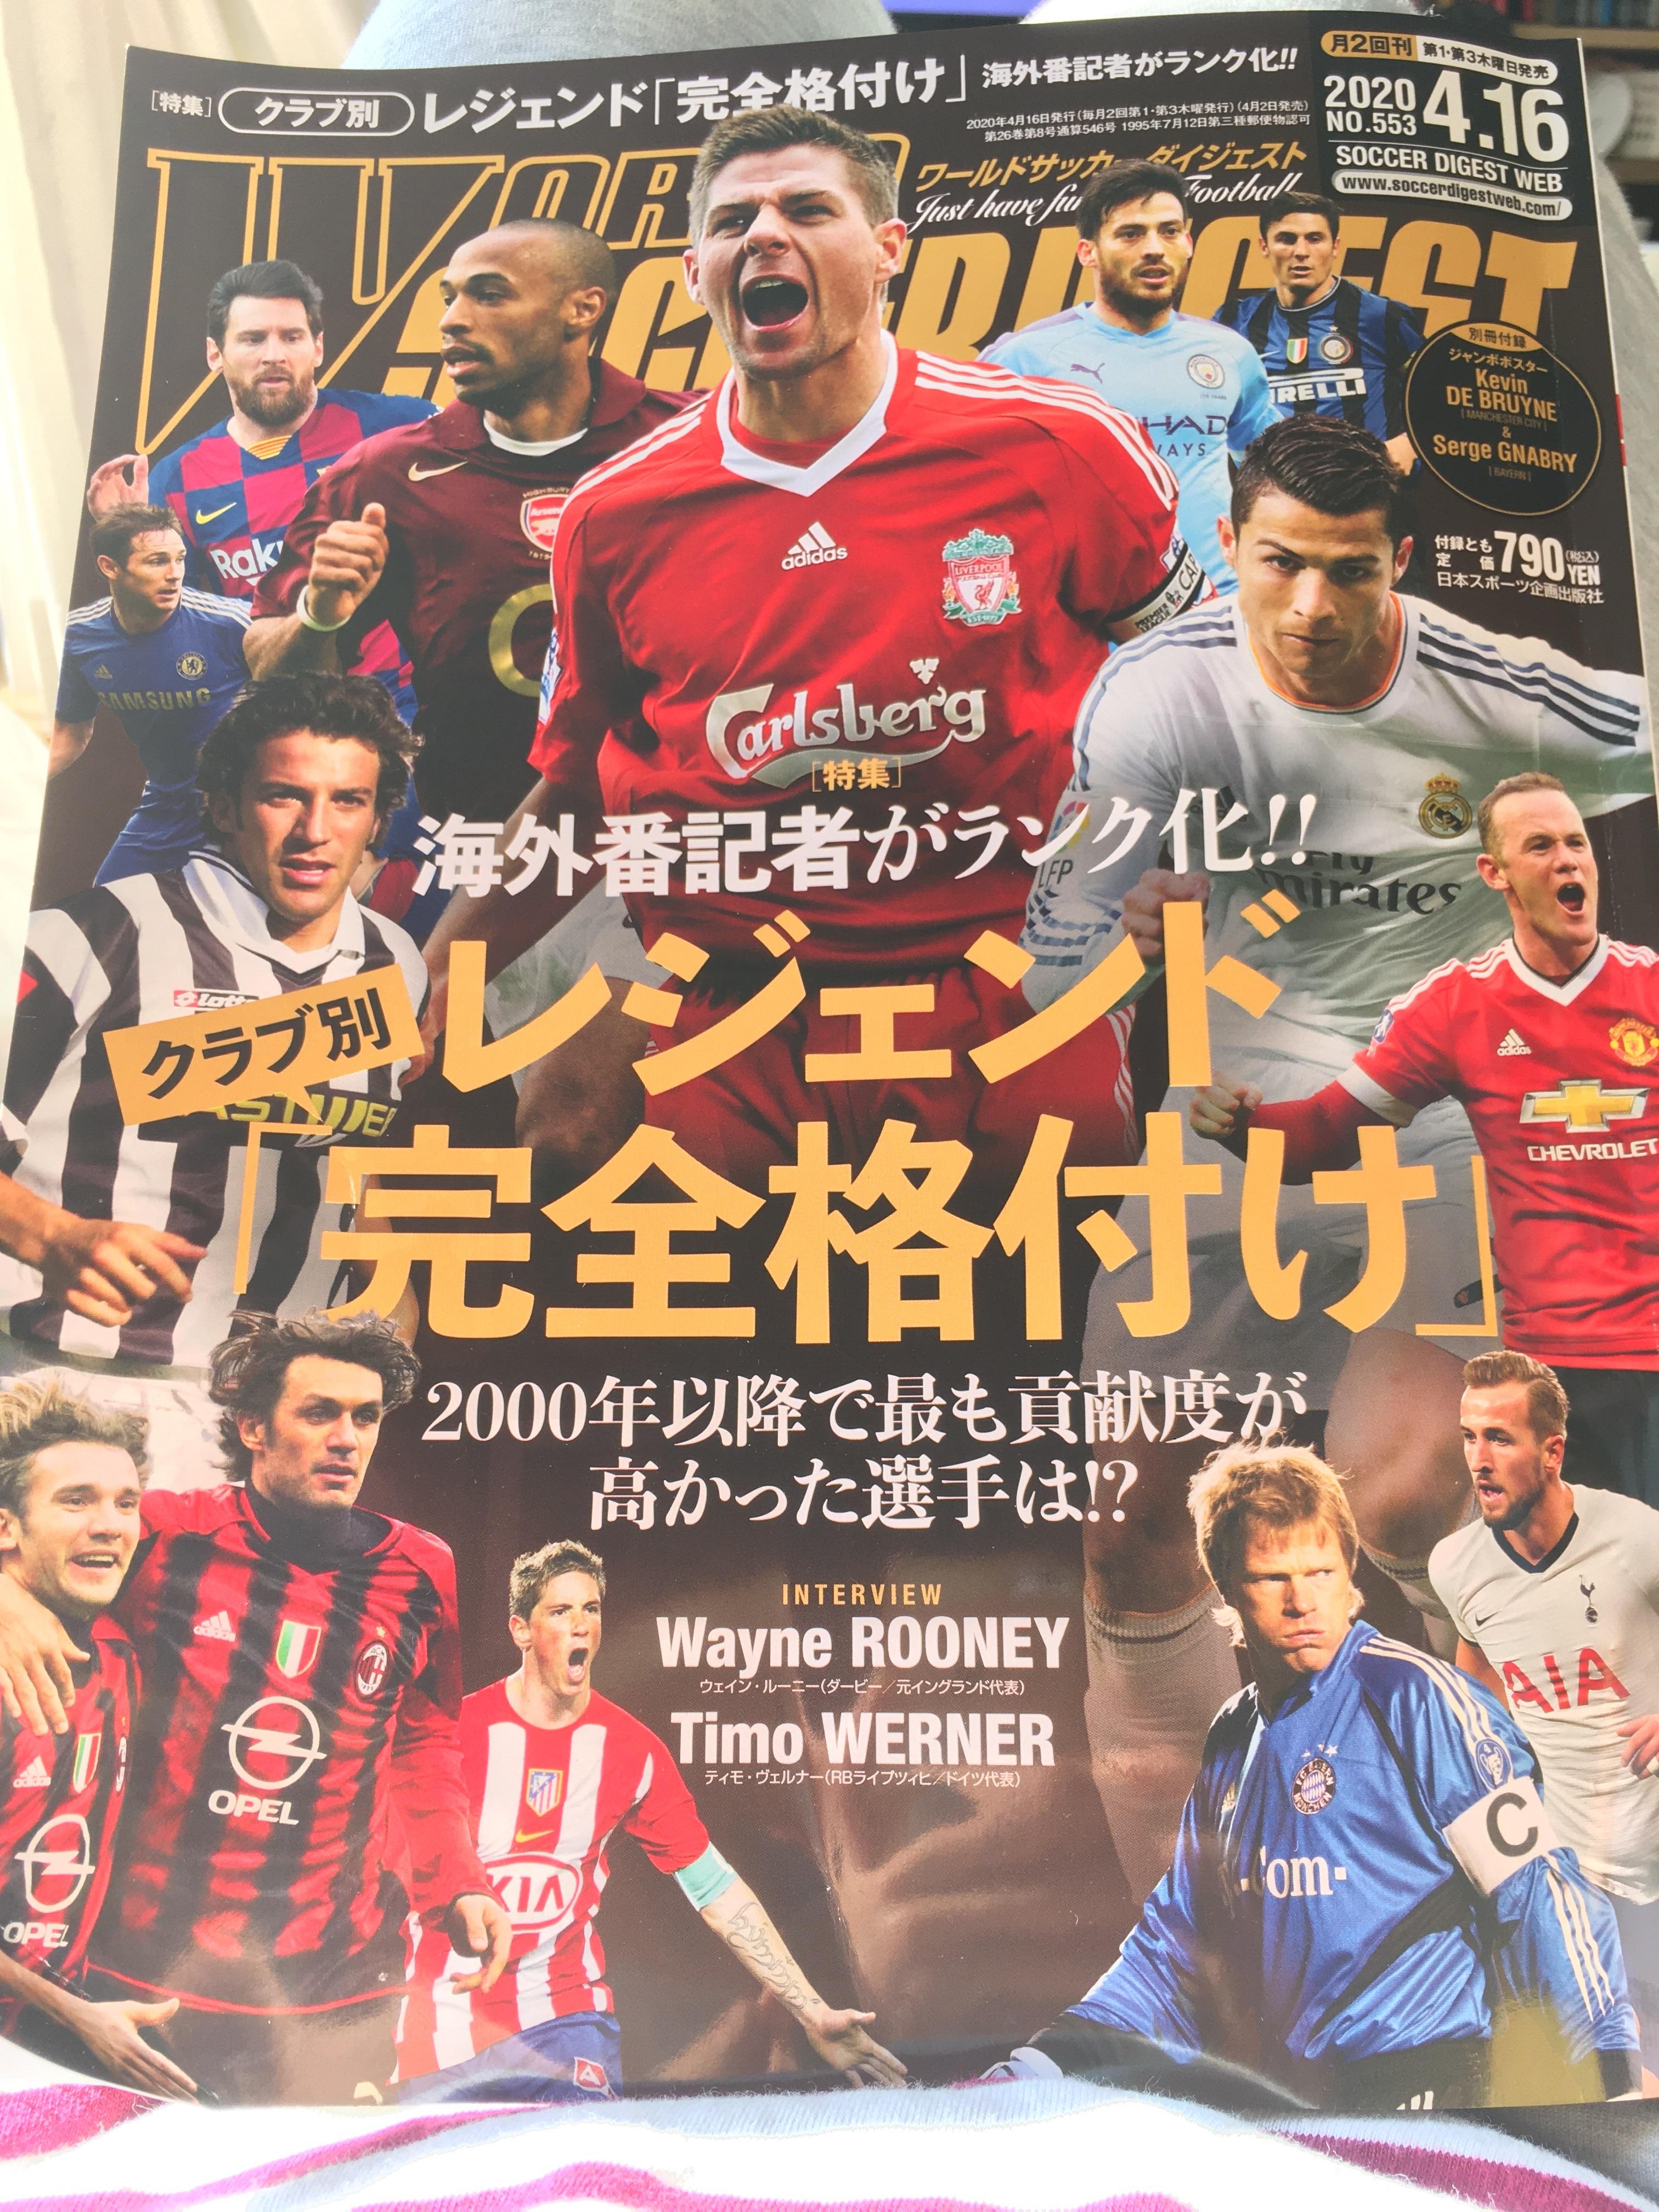 ワールドサッカーダイジェスト2020.4.16No.553